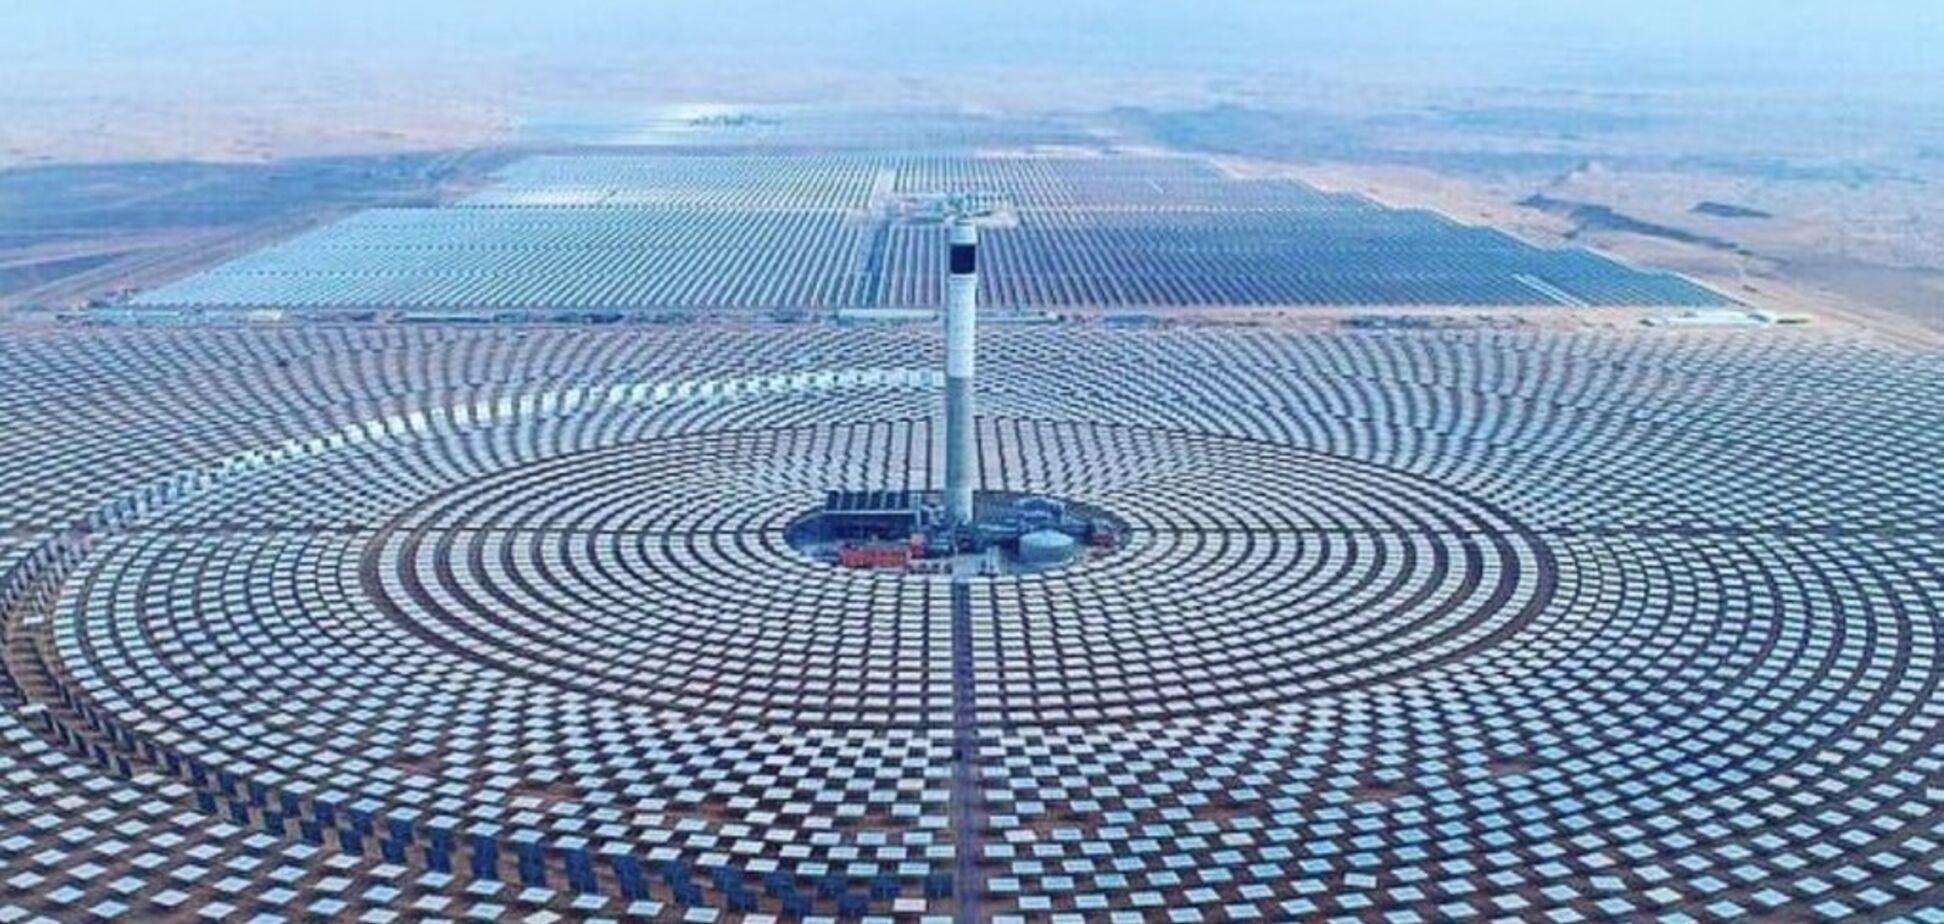 Як виглядає найпотужніша сонячна електростанція: з'явилося вражаюче відео